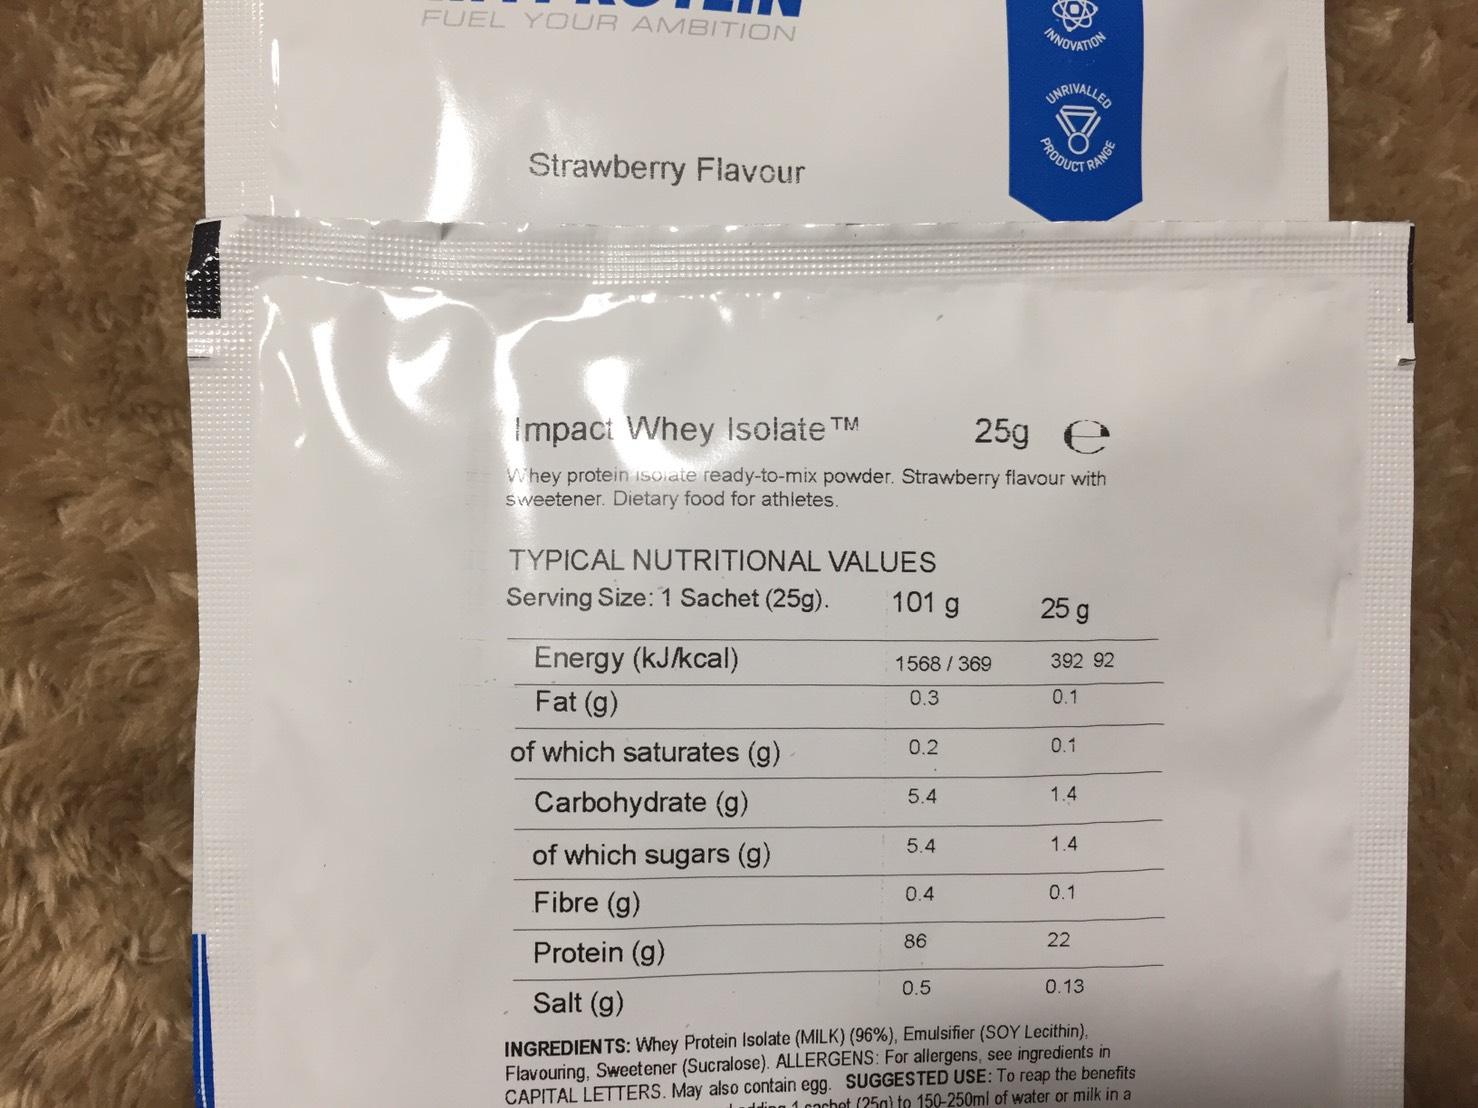 【WPI】Impactホエイアイソレート「Strawberry Flavour(ストロベリー味)」の成分表